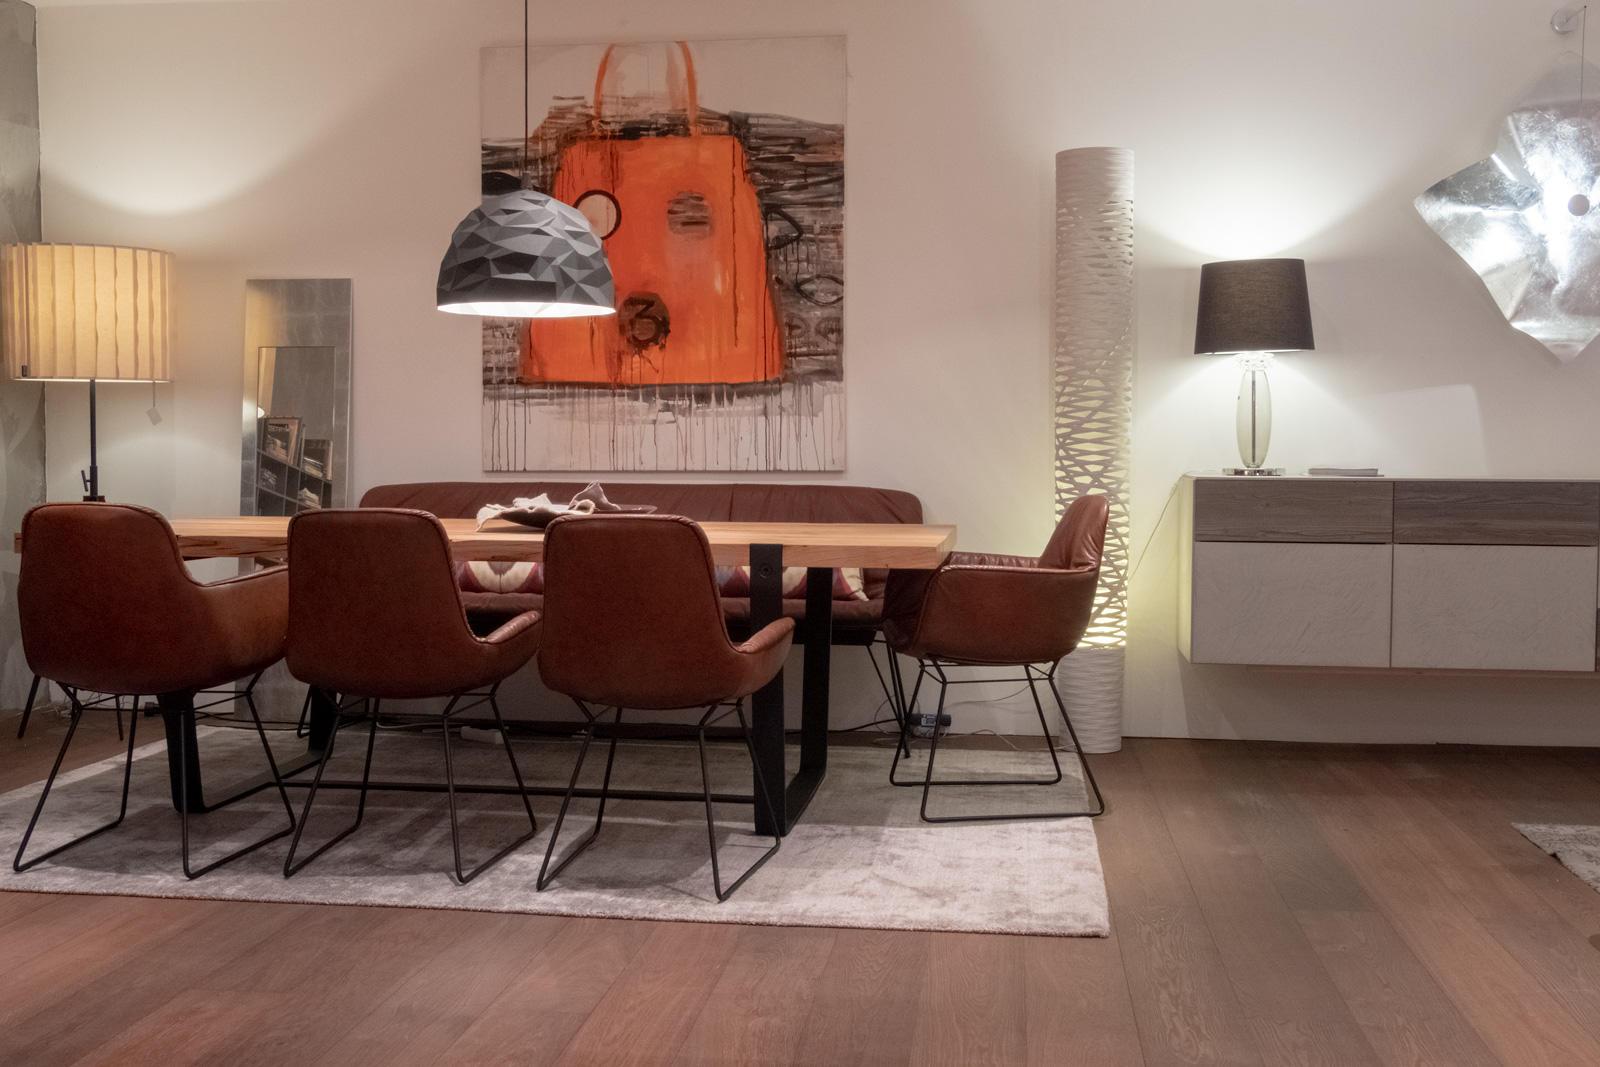 Bild der Casa del design